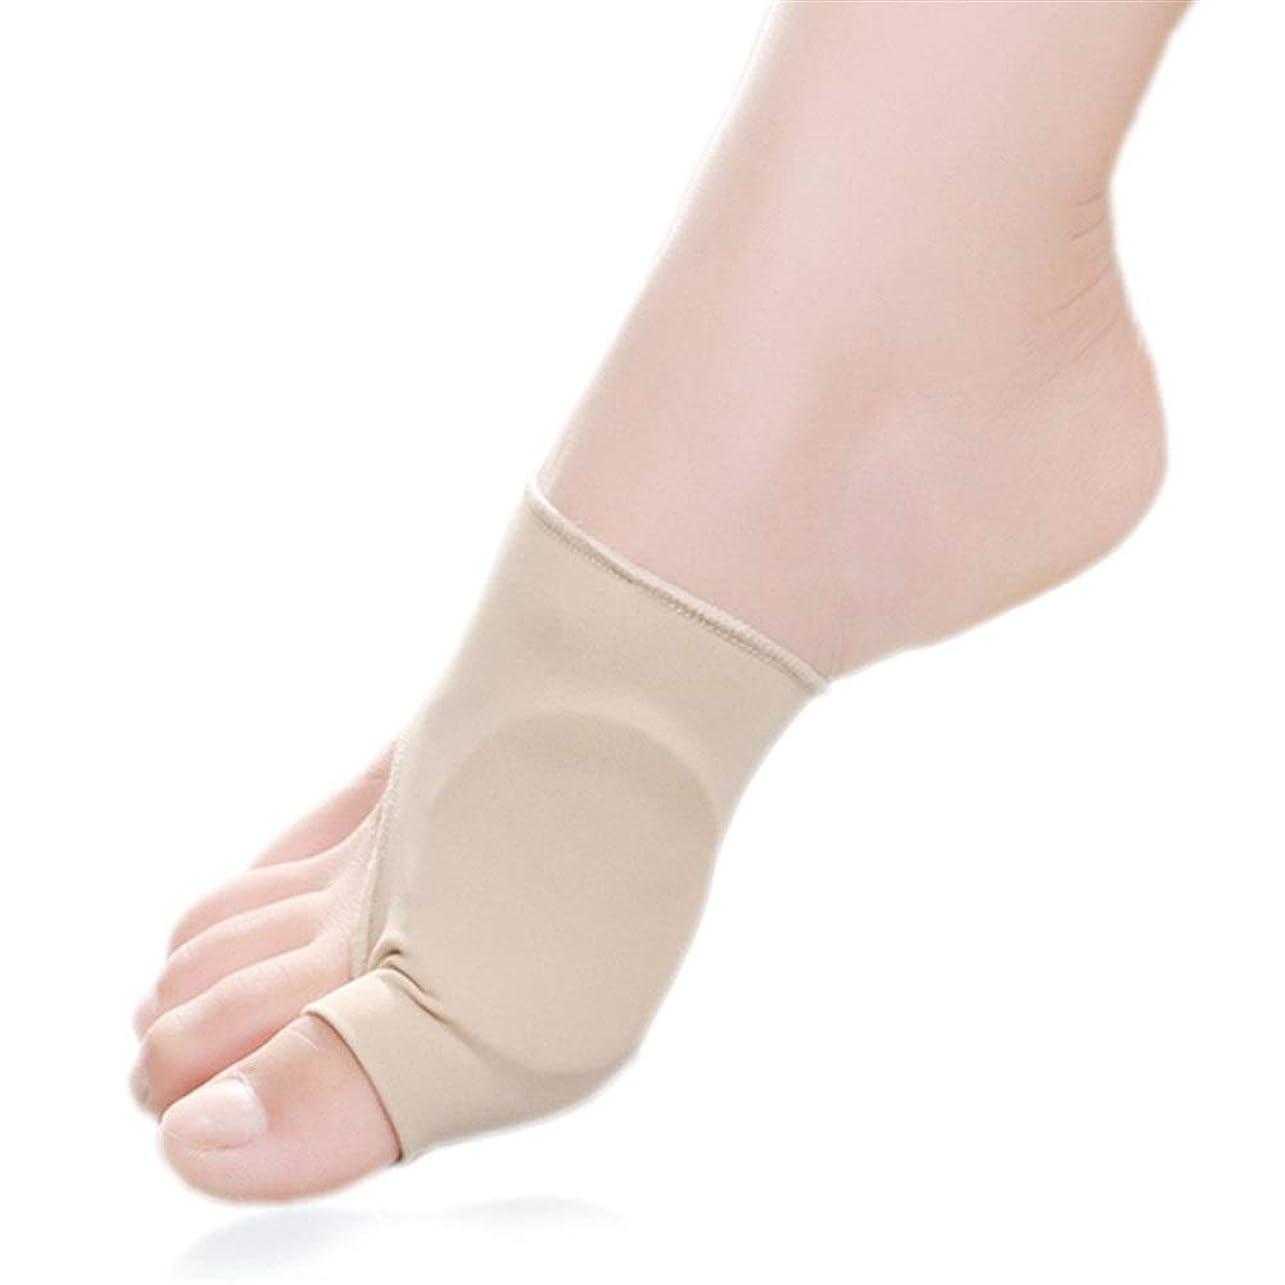 報いる中級九月つま先セパレーター、靴下が痛みを和らげるマッサージ健康ソックスフットクランプを防ぎます(1ペア)